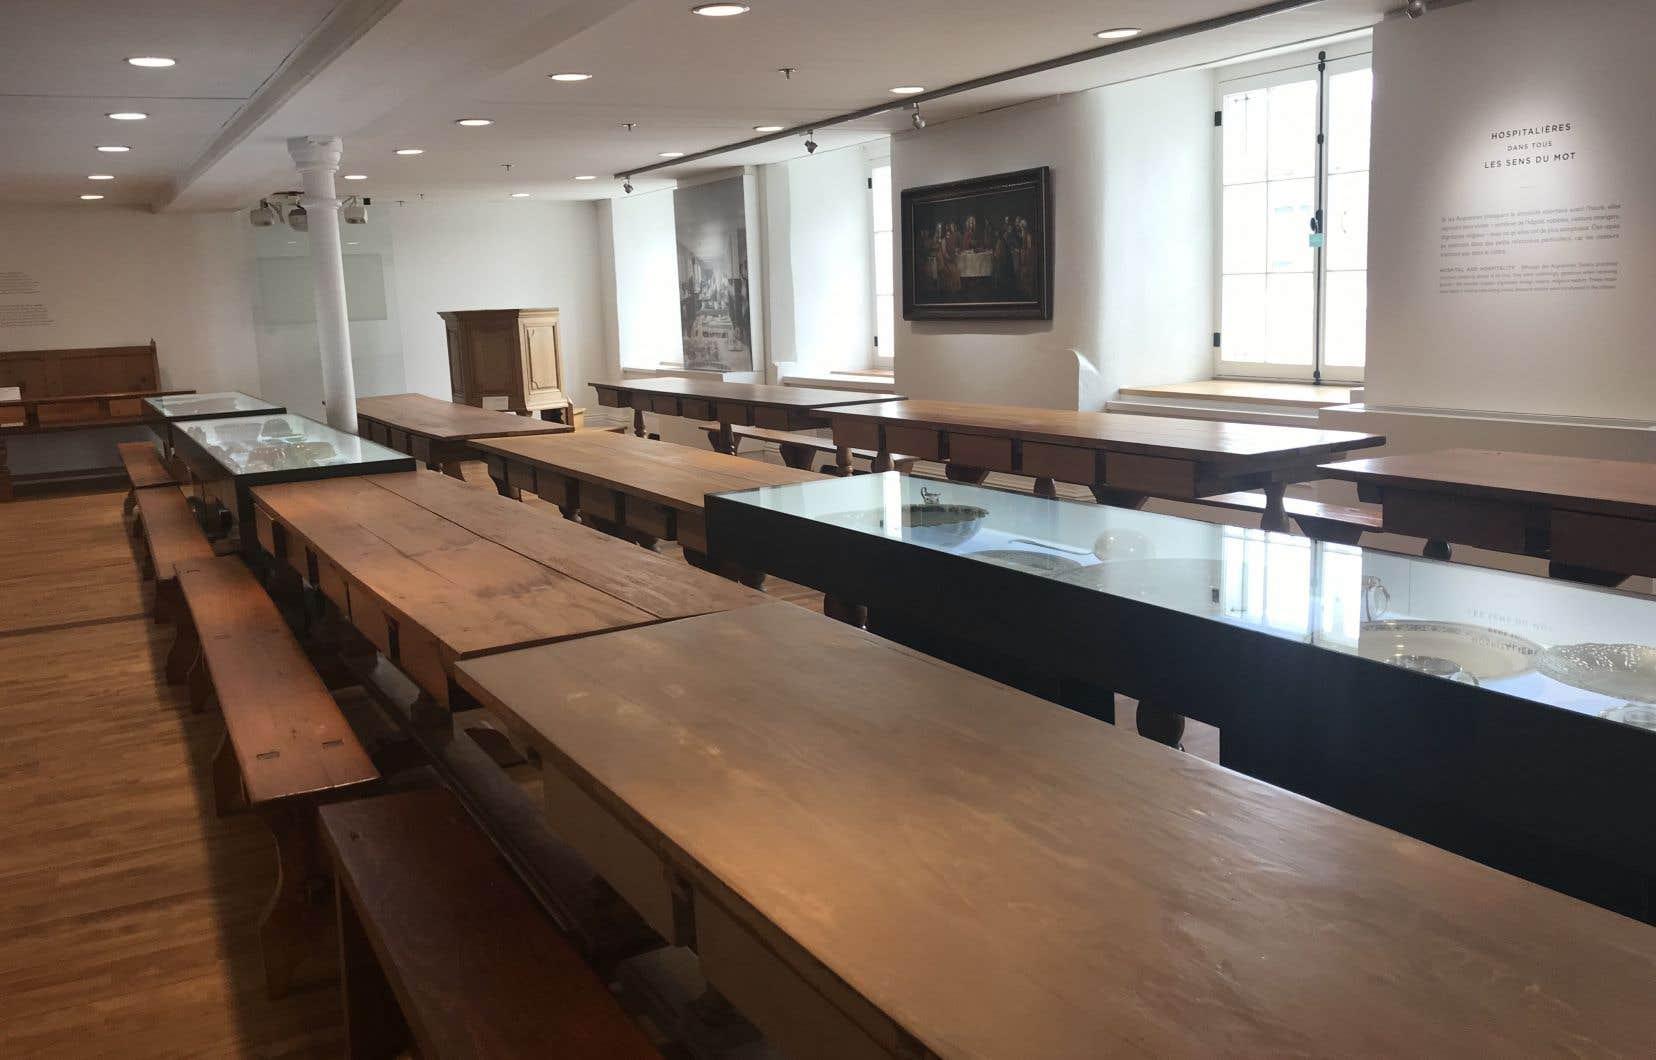 L'ancien réfectoire des augustines est une pièce du musée qui sert aussi de salle de réception pour des événements privés.